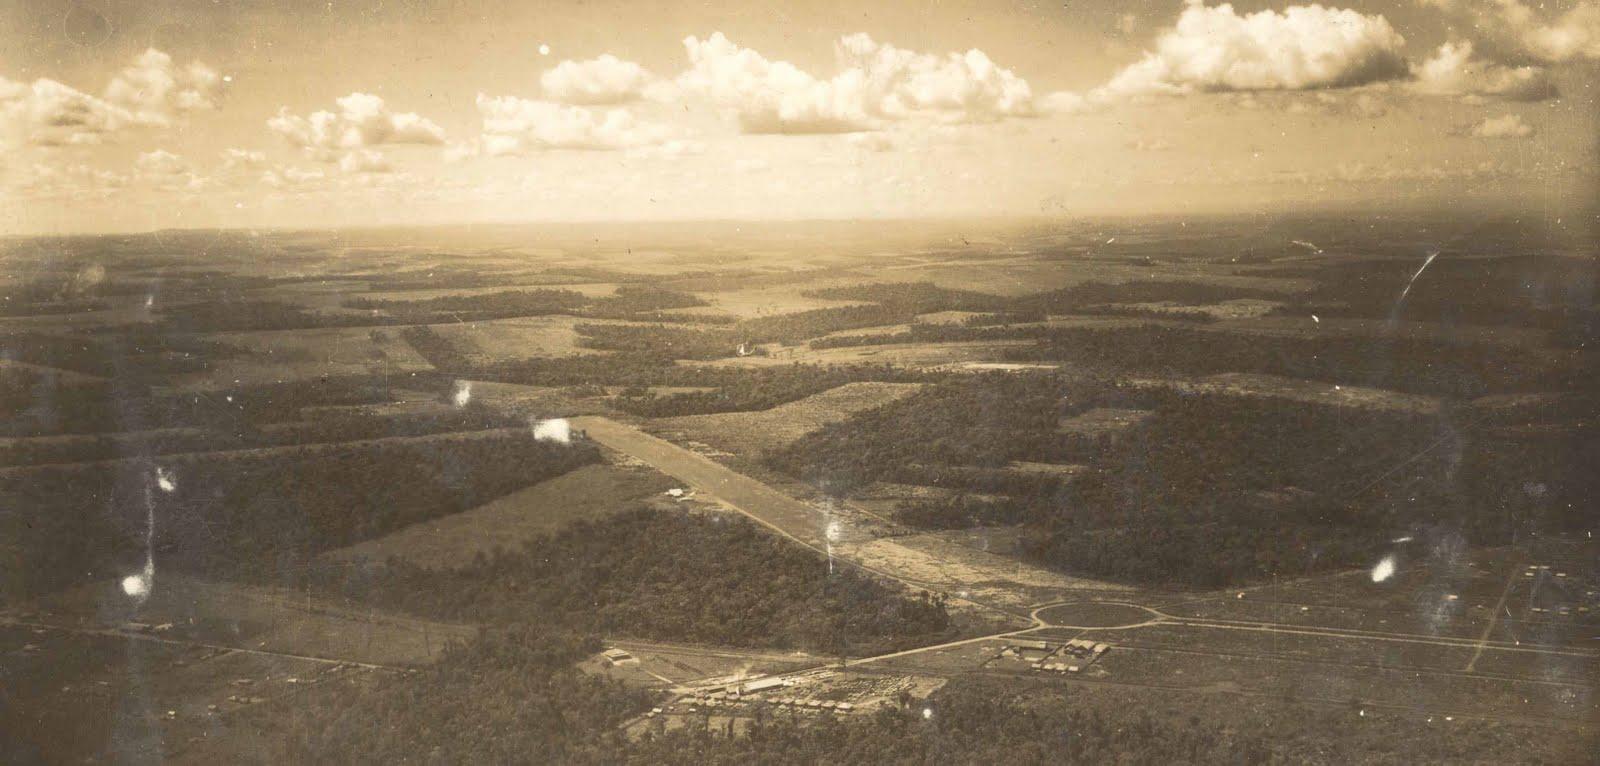 Campo de Aviação - Final da década de 1940